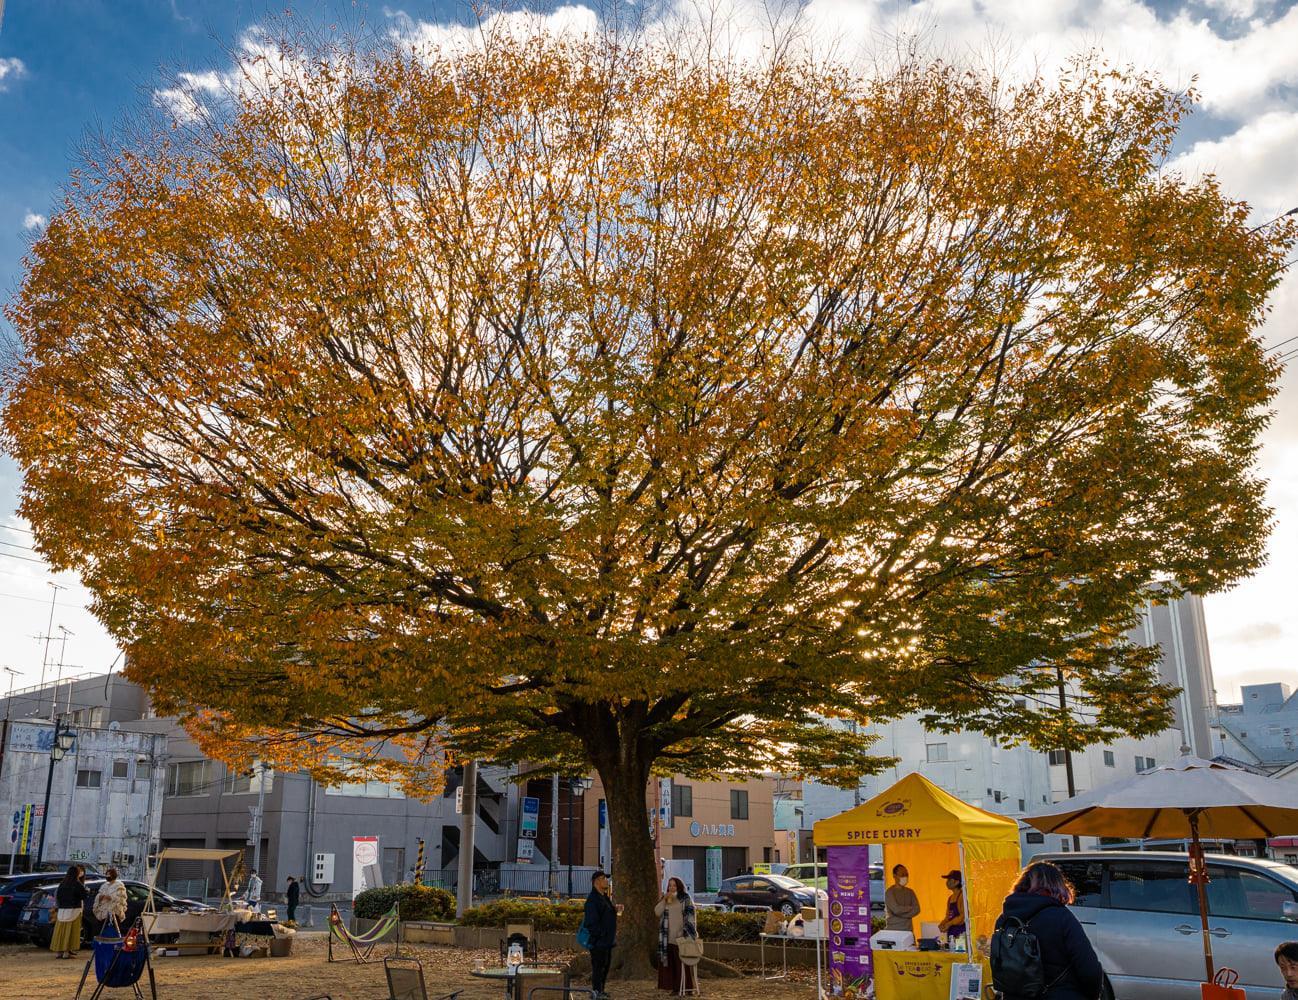 屋外を日常に!<br/>〈Park+@大工町公園〉<br/>12/13(日)に開催します!!<br/>